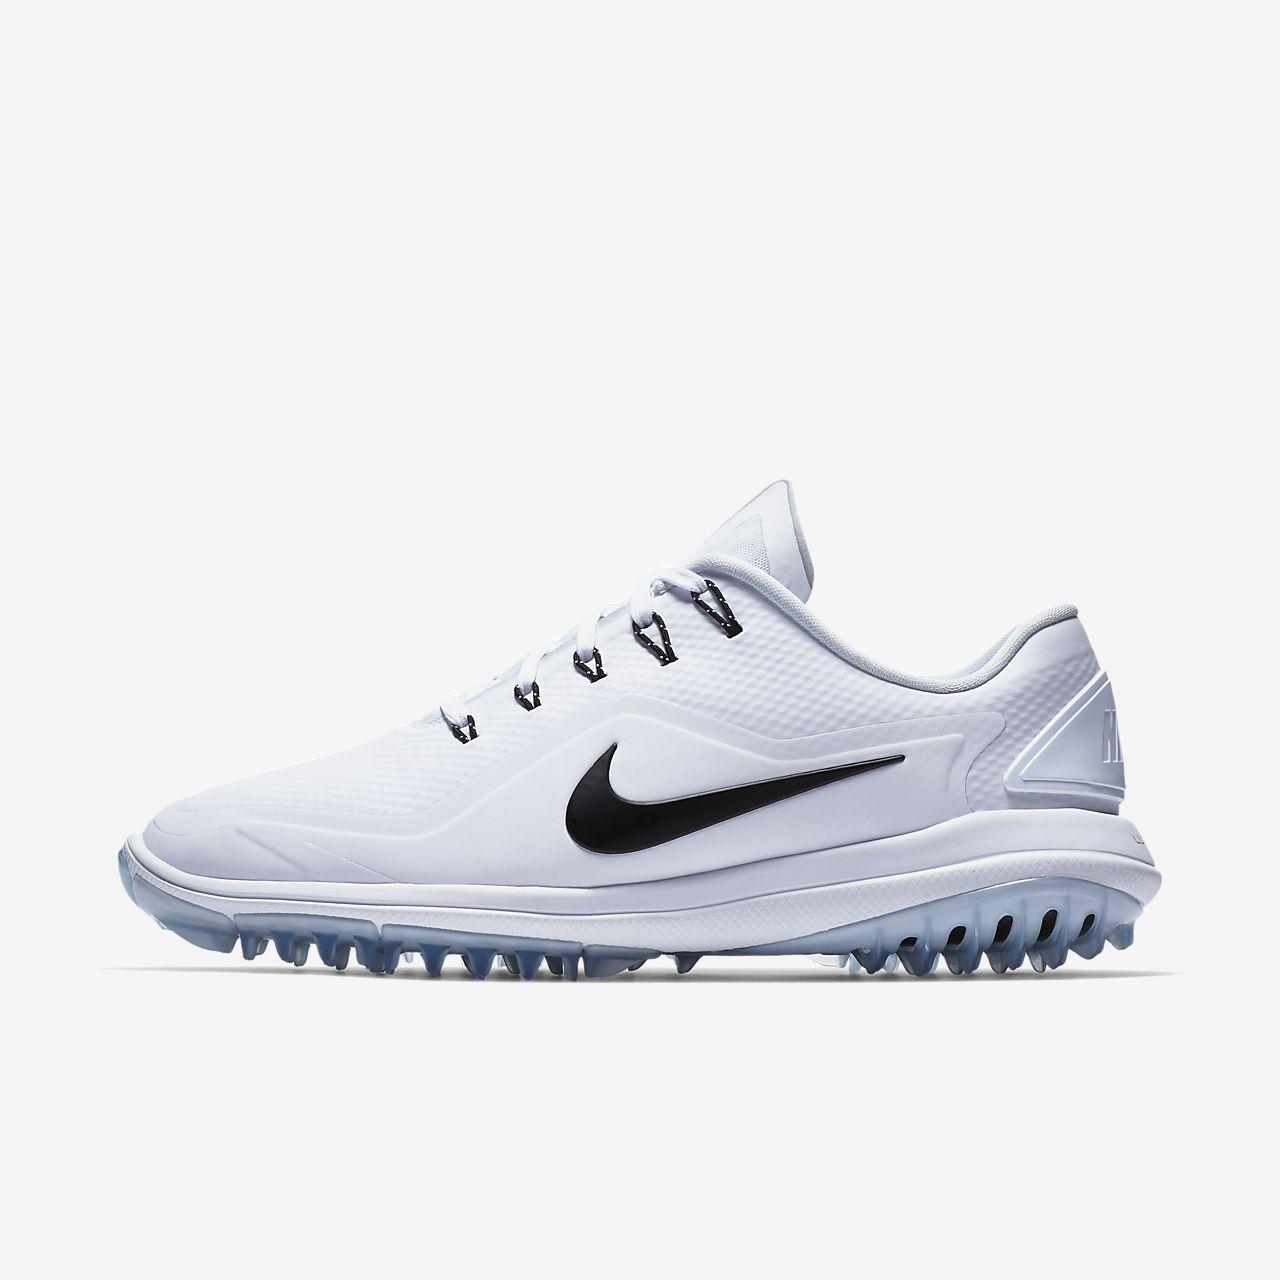 low priced 41f80 281ac Nike Lunar Control Vapor 2 Zapatillas de golf - Mujer. Nike.com ES